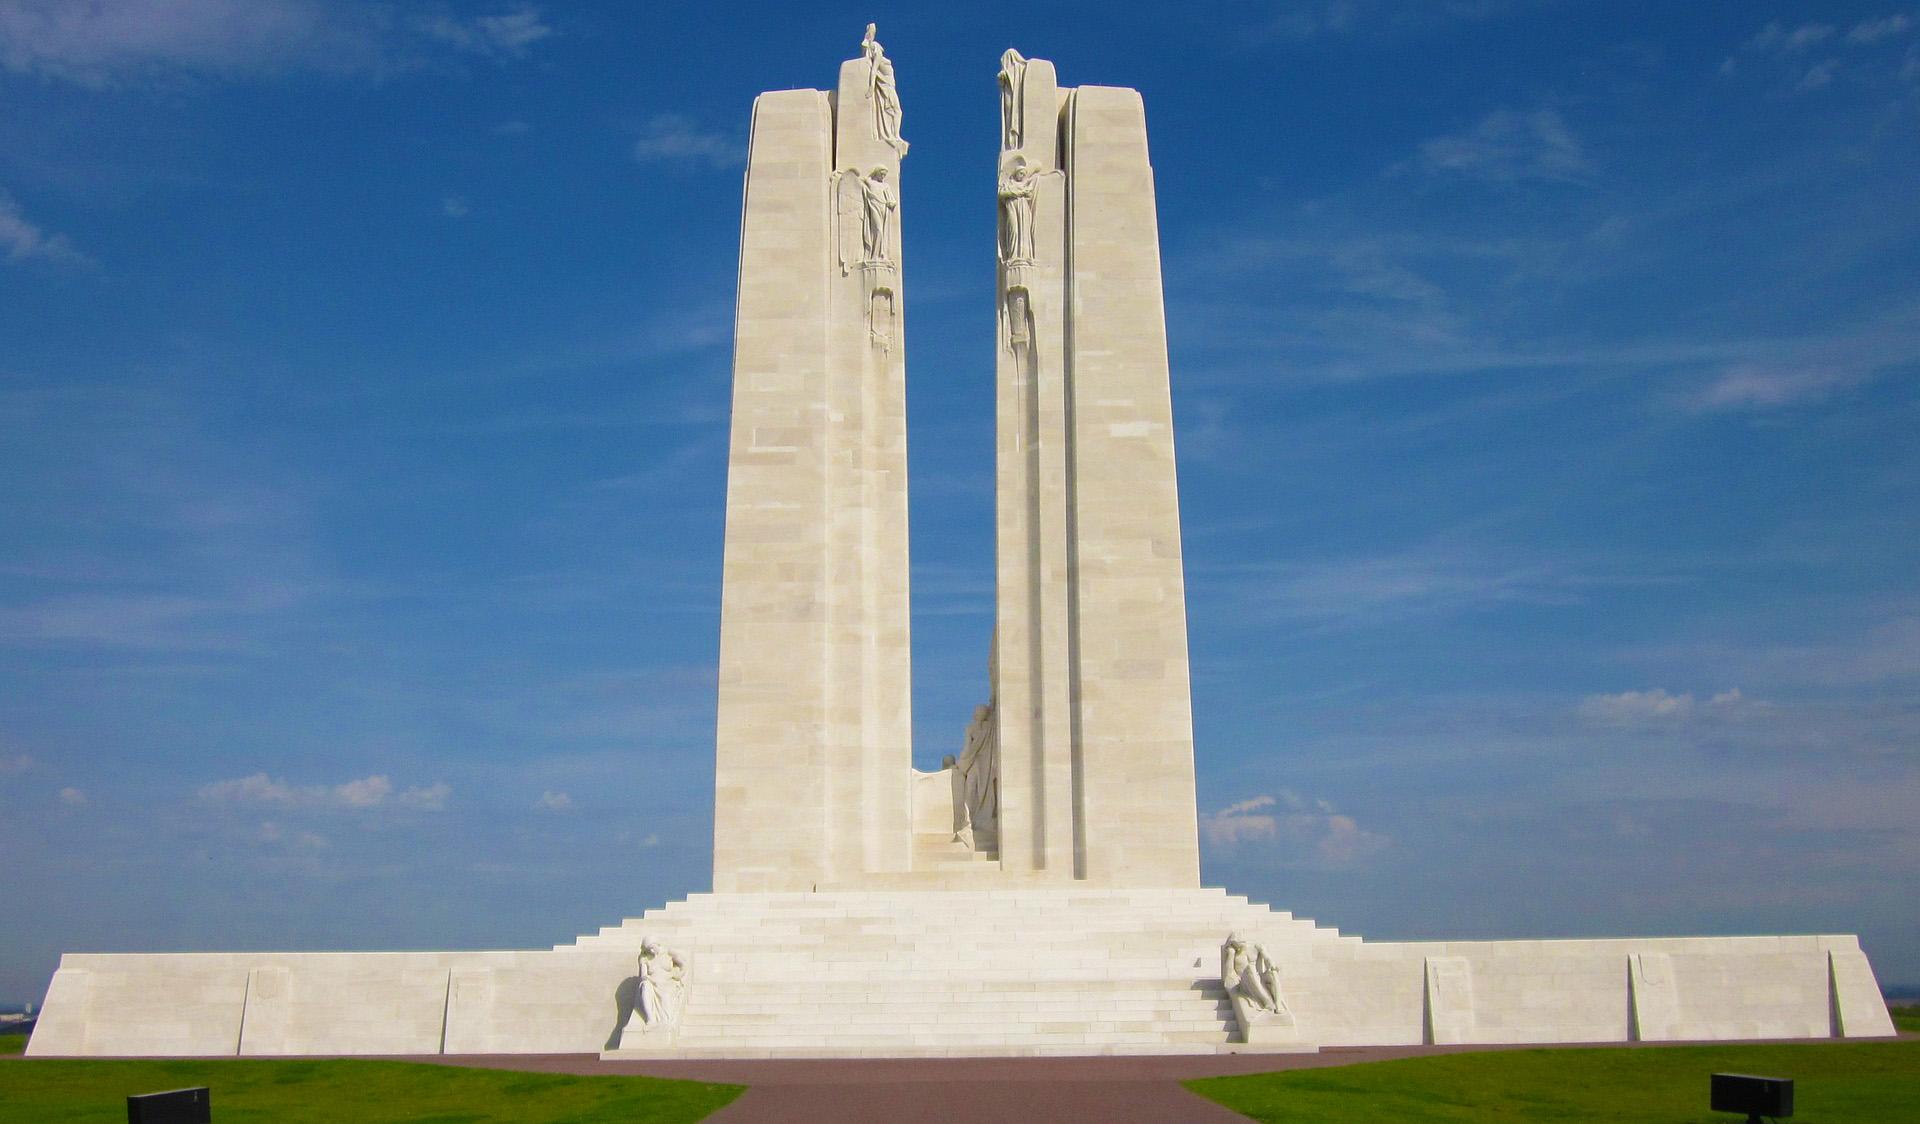 Great Canadian War Memorial Tour